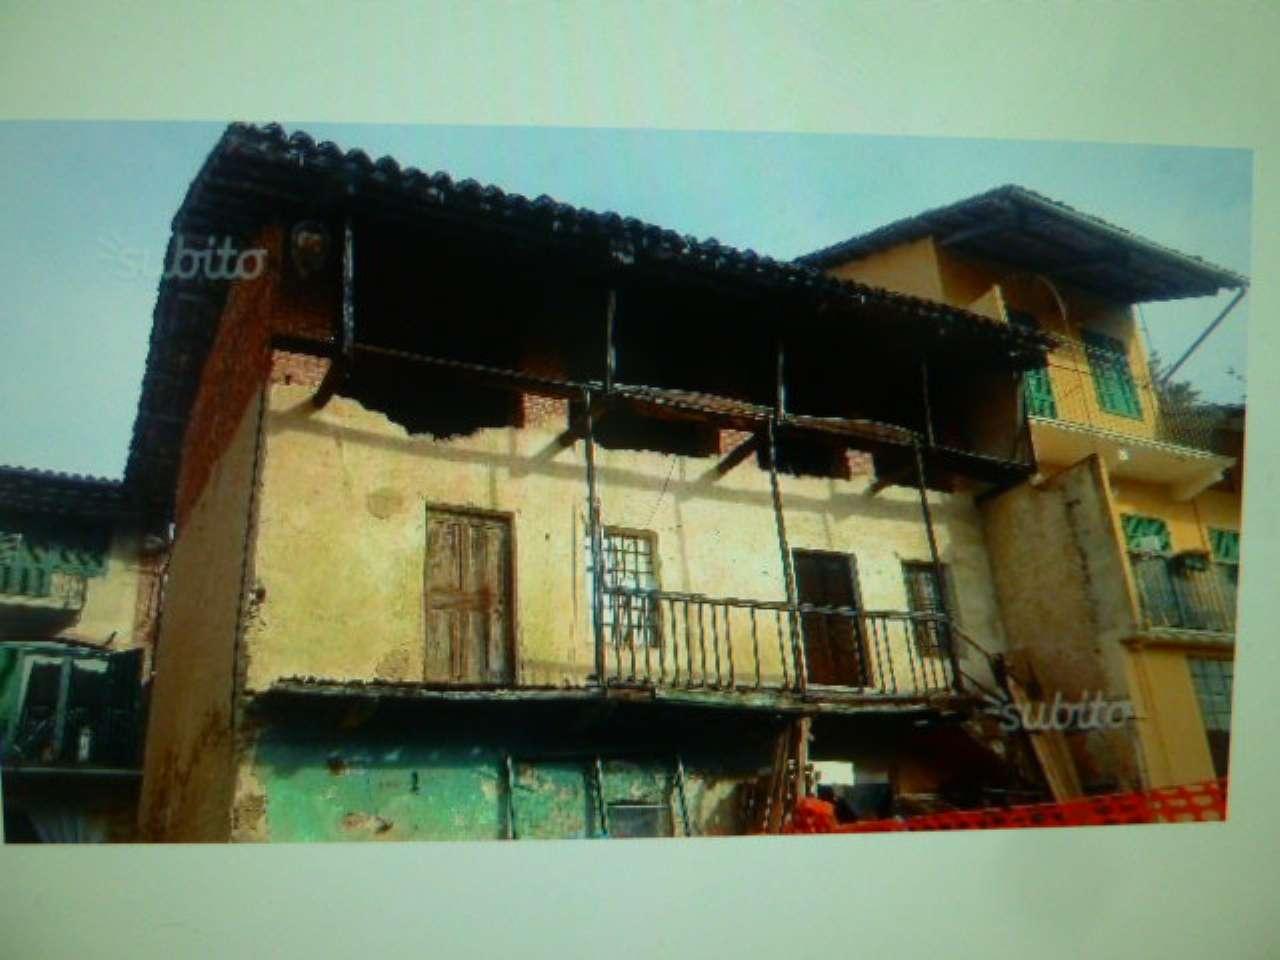 Soluzione Indipendente in vendita a Agliè, 4 locali, prezzo € 19.000 | CambioCasa.it